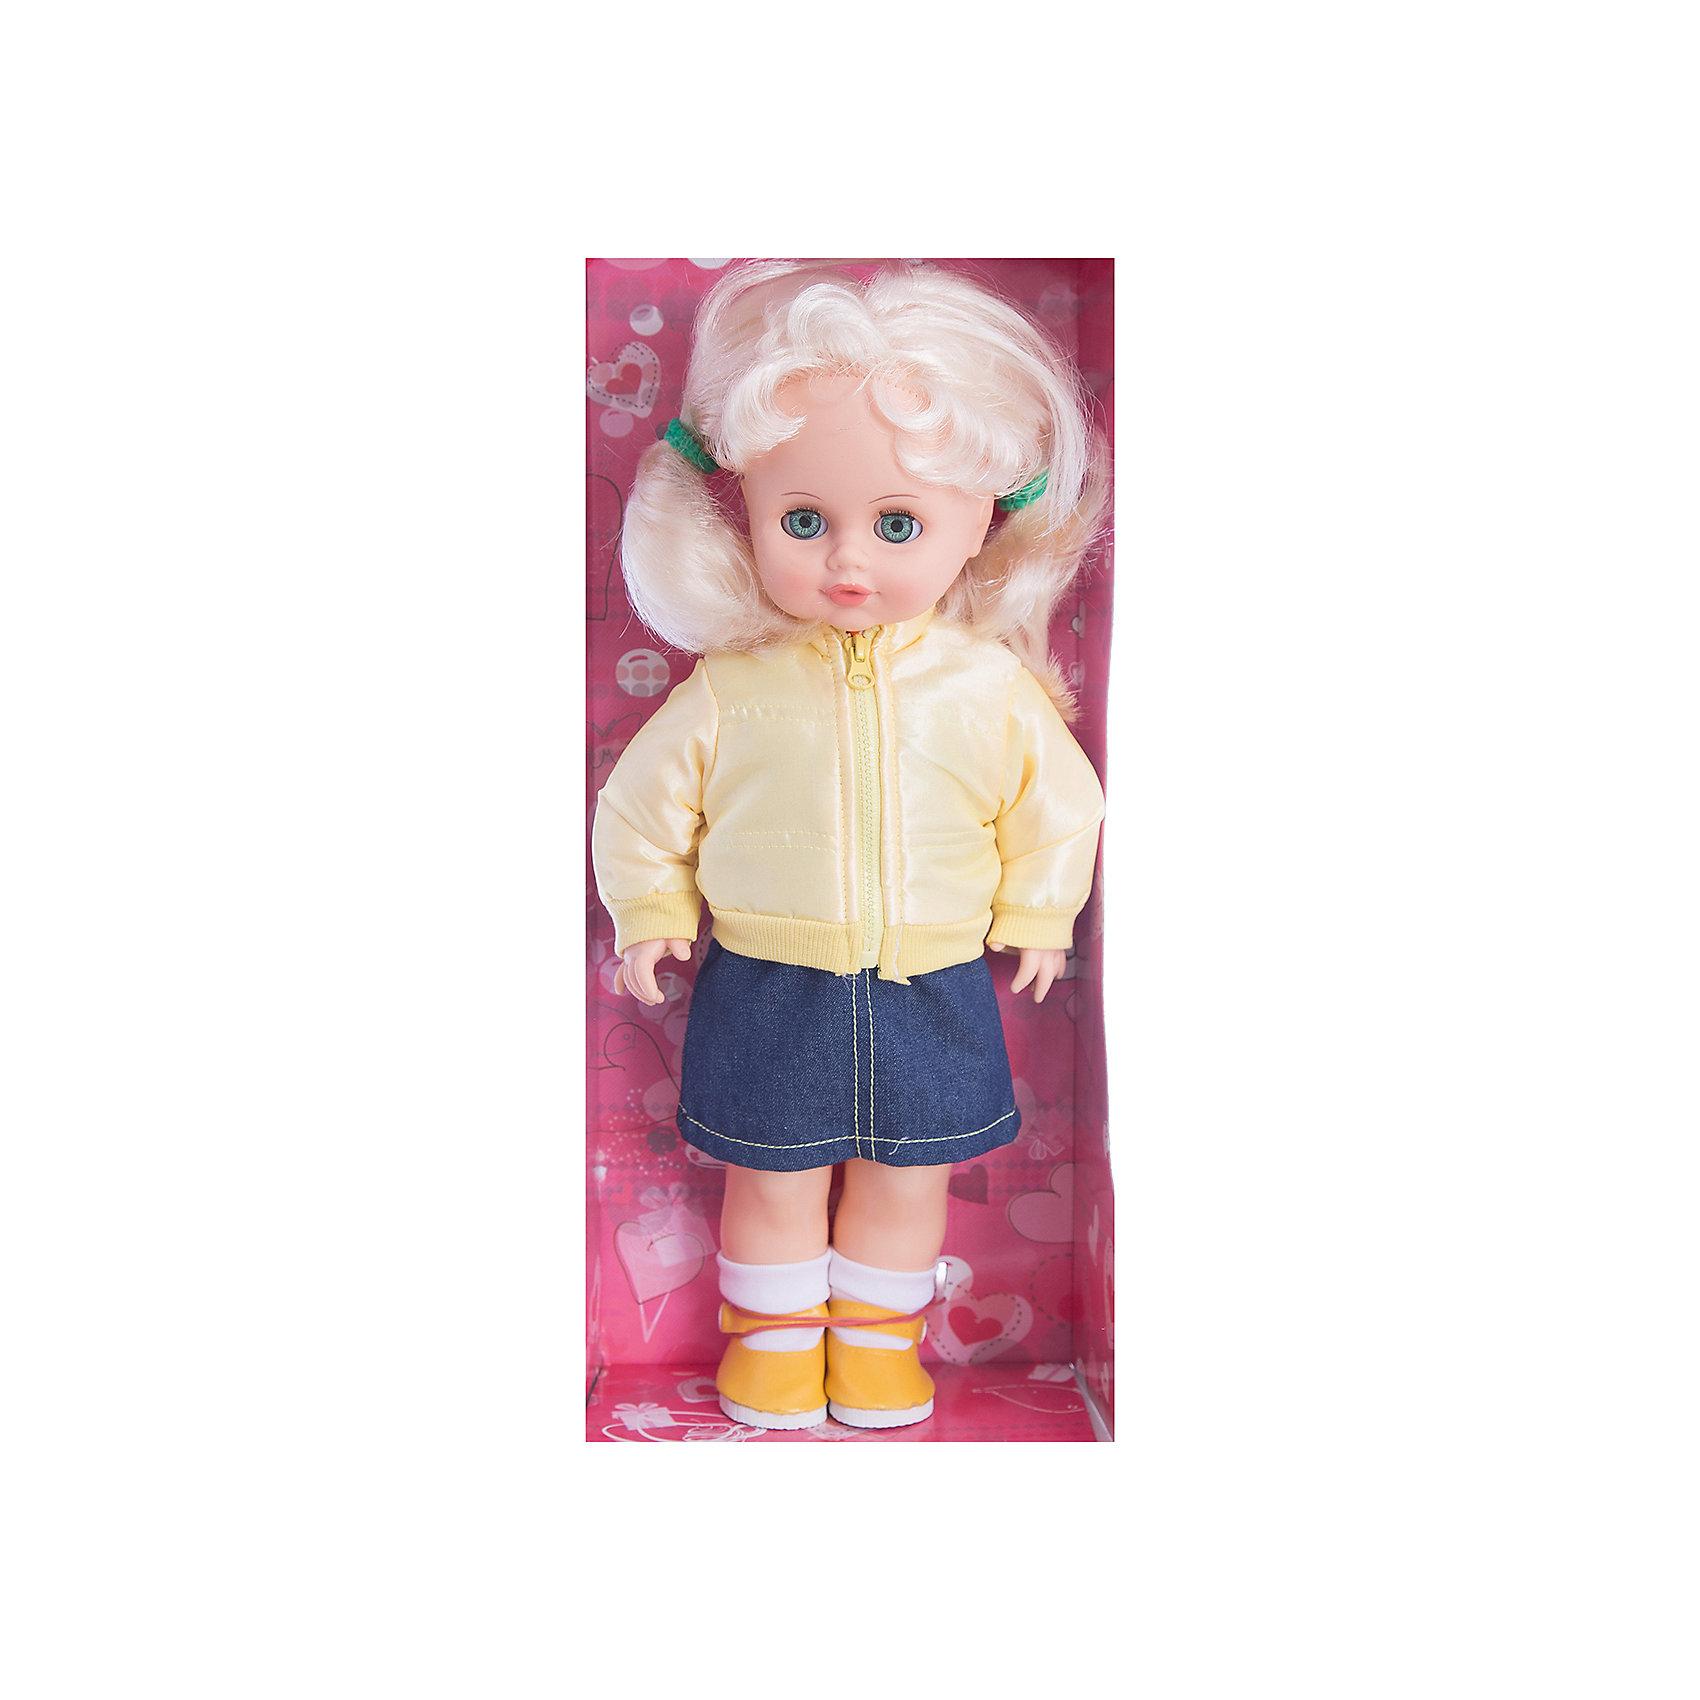 Кукла Инна 39, со звуком, 43 см, ВеснаИнтерактивные куклы<br>Модно одетая красивая кукла от отечественного производителя способна не просто помочь ребенку весело проводить время, но и научить девочку одеваться со вкусом. На ней - модный костюм, всё можно снимать и надевать.<br>Кукла произносит несколько фраз, механизм работает от батареек. Очень красиво смотрятся пышные волосы, на которых можно делать прически. Сделана игрушка из качественных и безопасных для ребенка материалов. Такая кукла поможет ребенку освоить механизмы социальных взаимодействий, развить моторику и воображение. Также куклы помогают девочкам научиться заботиться о других.<br><br>Дополнительная информация:<br><br>- материал: пластмасса;<br>- волосы: прошивные;<br>- открывающиеся глаза;<br>- звуковой модуль;<br>- снимающаяся одежда и обувь;<br>- высота: 43 см.<br><br>Комплектация:<br><br>- одежда;<br>- три батарейки СЦ 357.<br><br>Куклу Инна 39, со звуком, от марки Весна можно купить в нашем магазине.<br><br>Ширина мм: 210<br>Глубина мм: 130<br>Высота мм: 430<br>Вес г: 550<br>Возраст от месяцев: 36<br>Возраст до месяцев: 1188<br>Пол: Женский<br>Возраст: Детский<br>SKU: 4701860